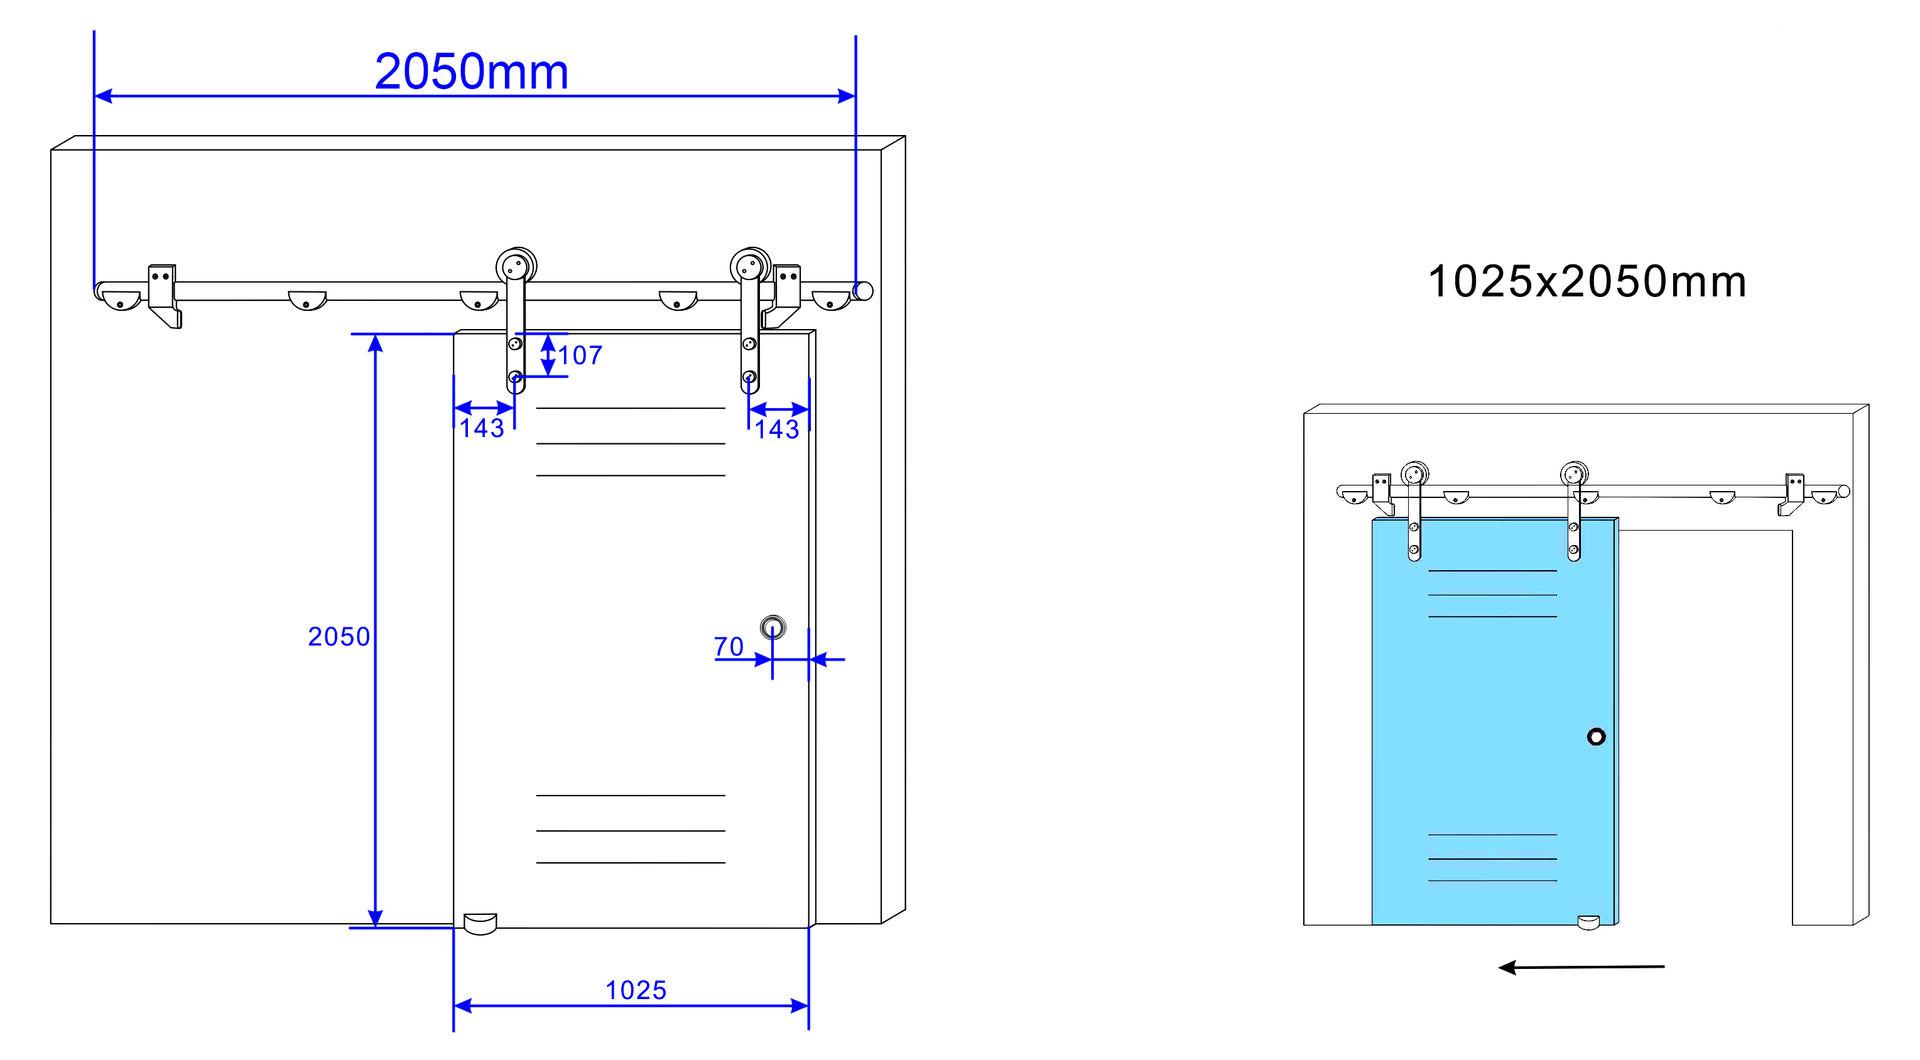 Glas-Schiebetuer-205cm-in-Klarglas-Milchglas-o-gestreift-Raumteiler-Raum-Trenner